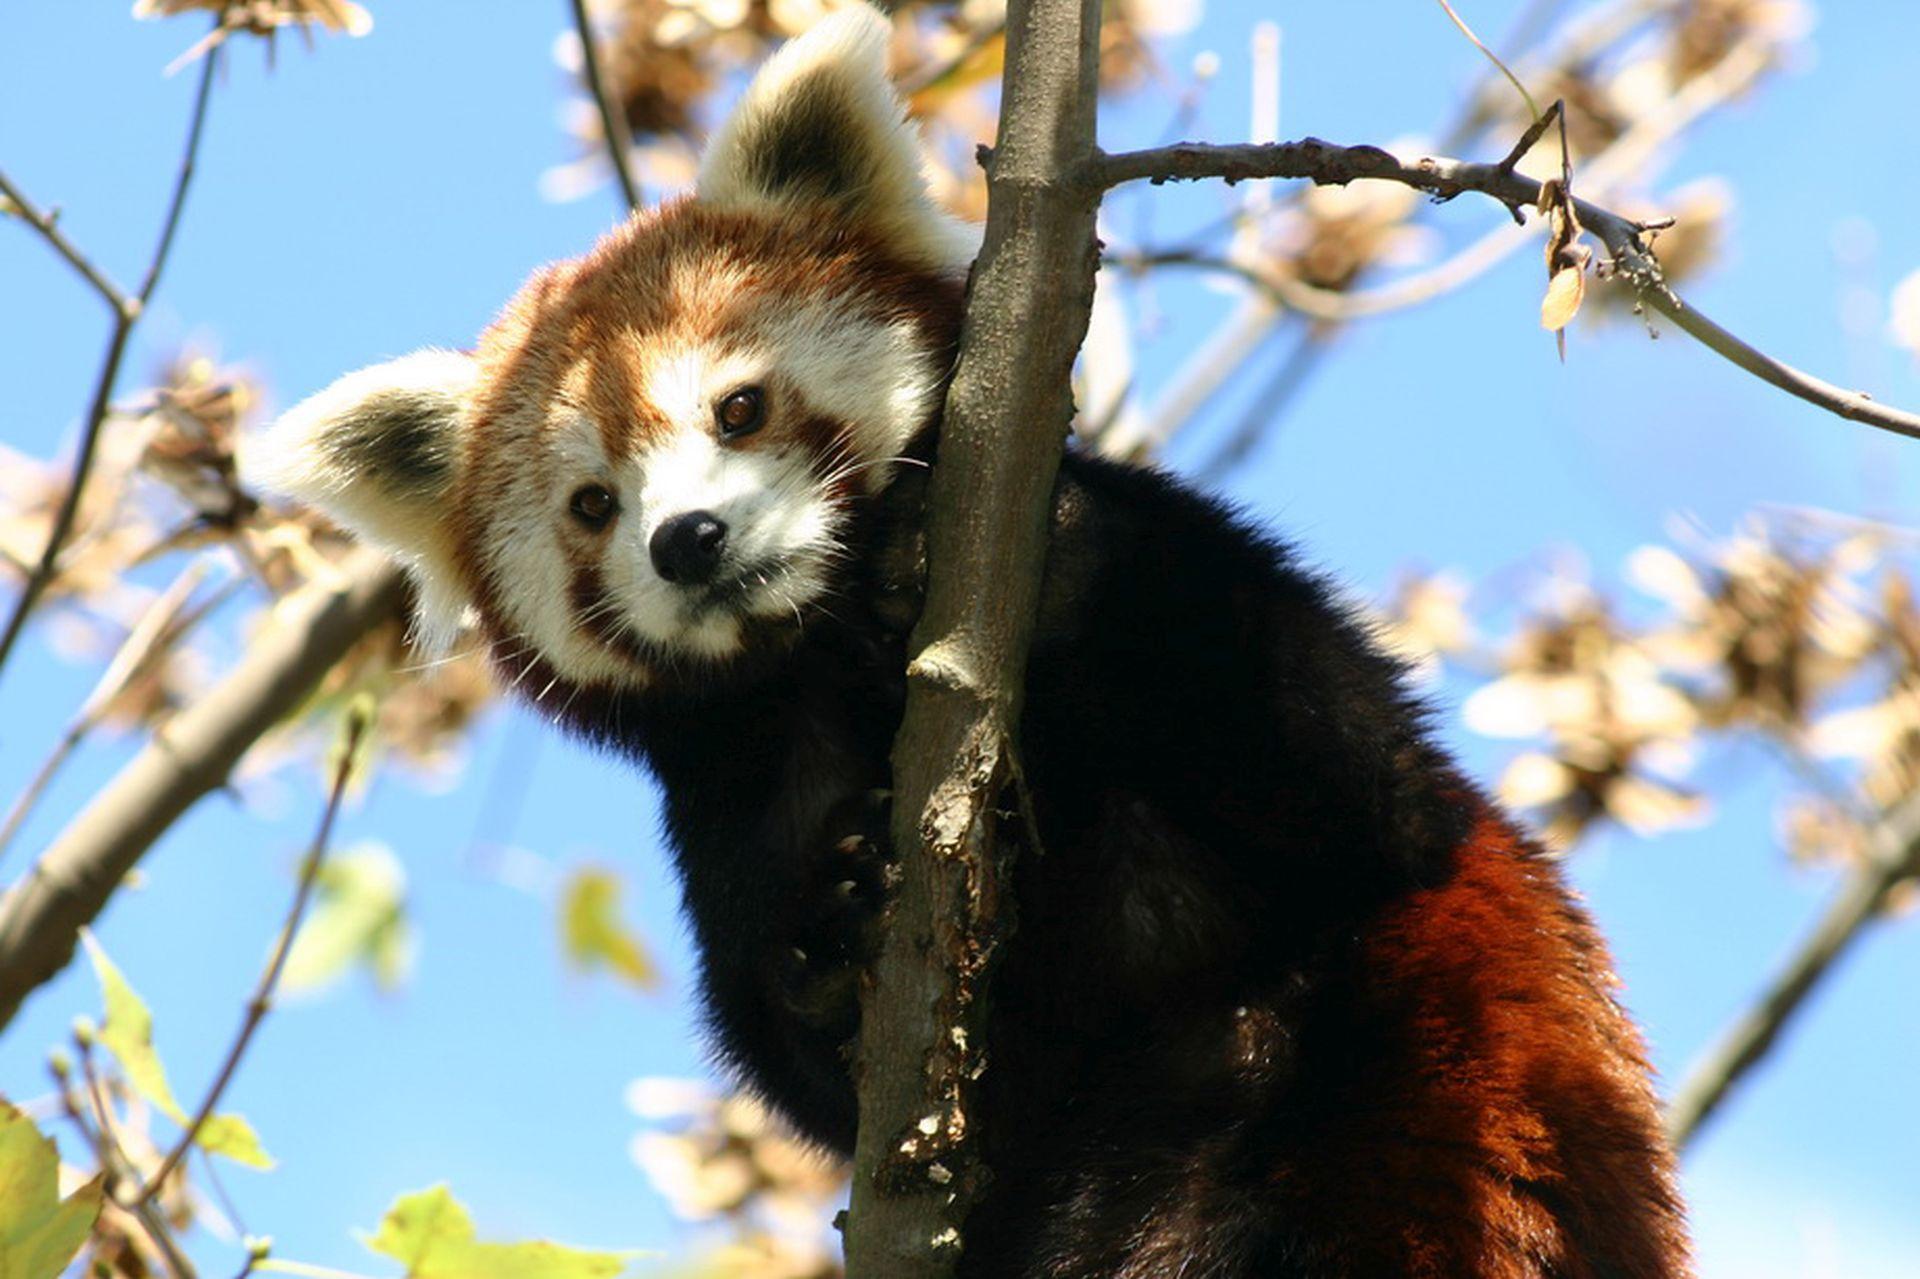 ZAGREBAČKI ZOO: U nedjelju Dan crvenih panda